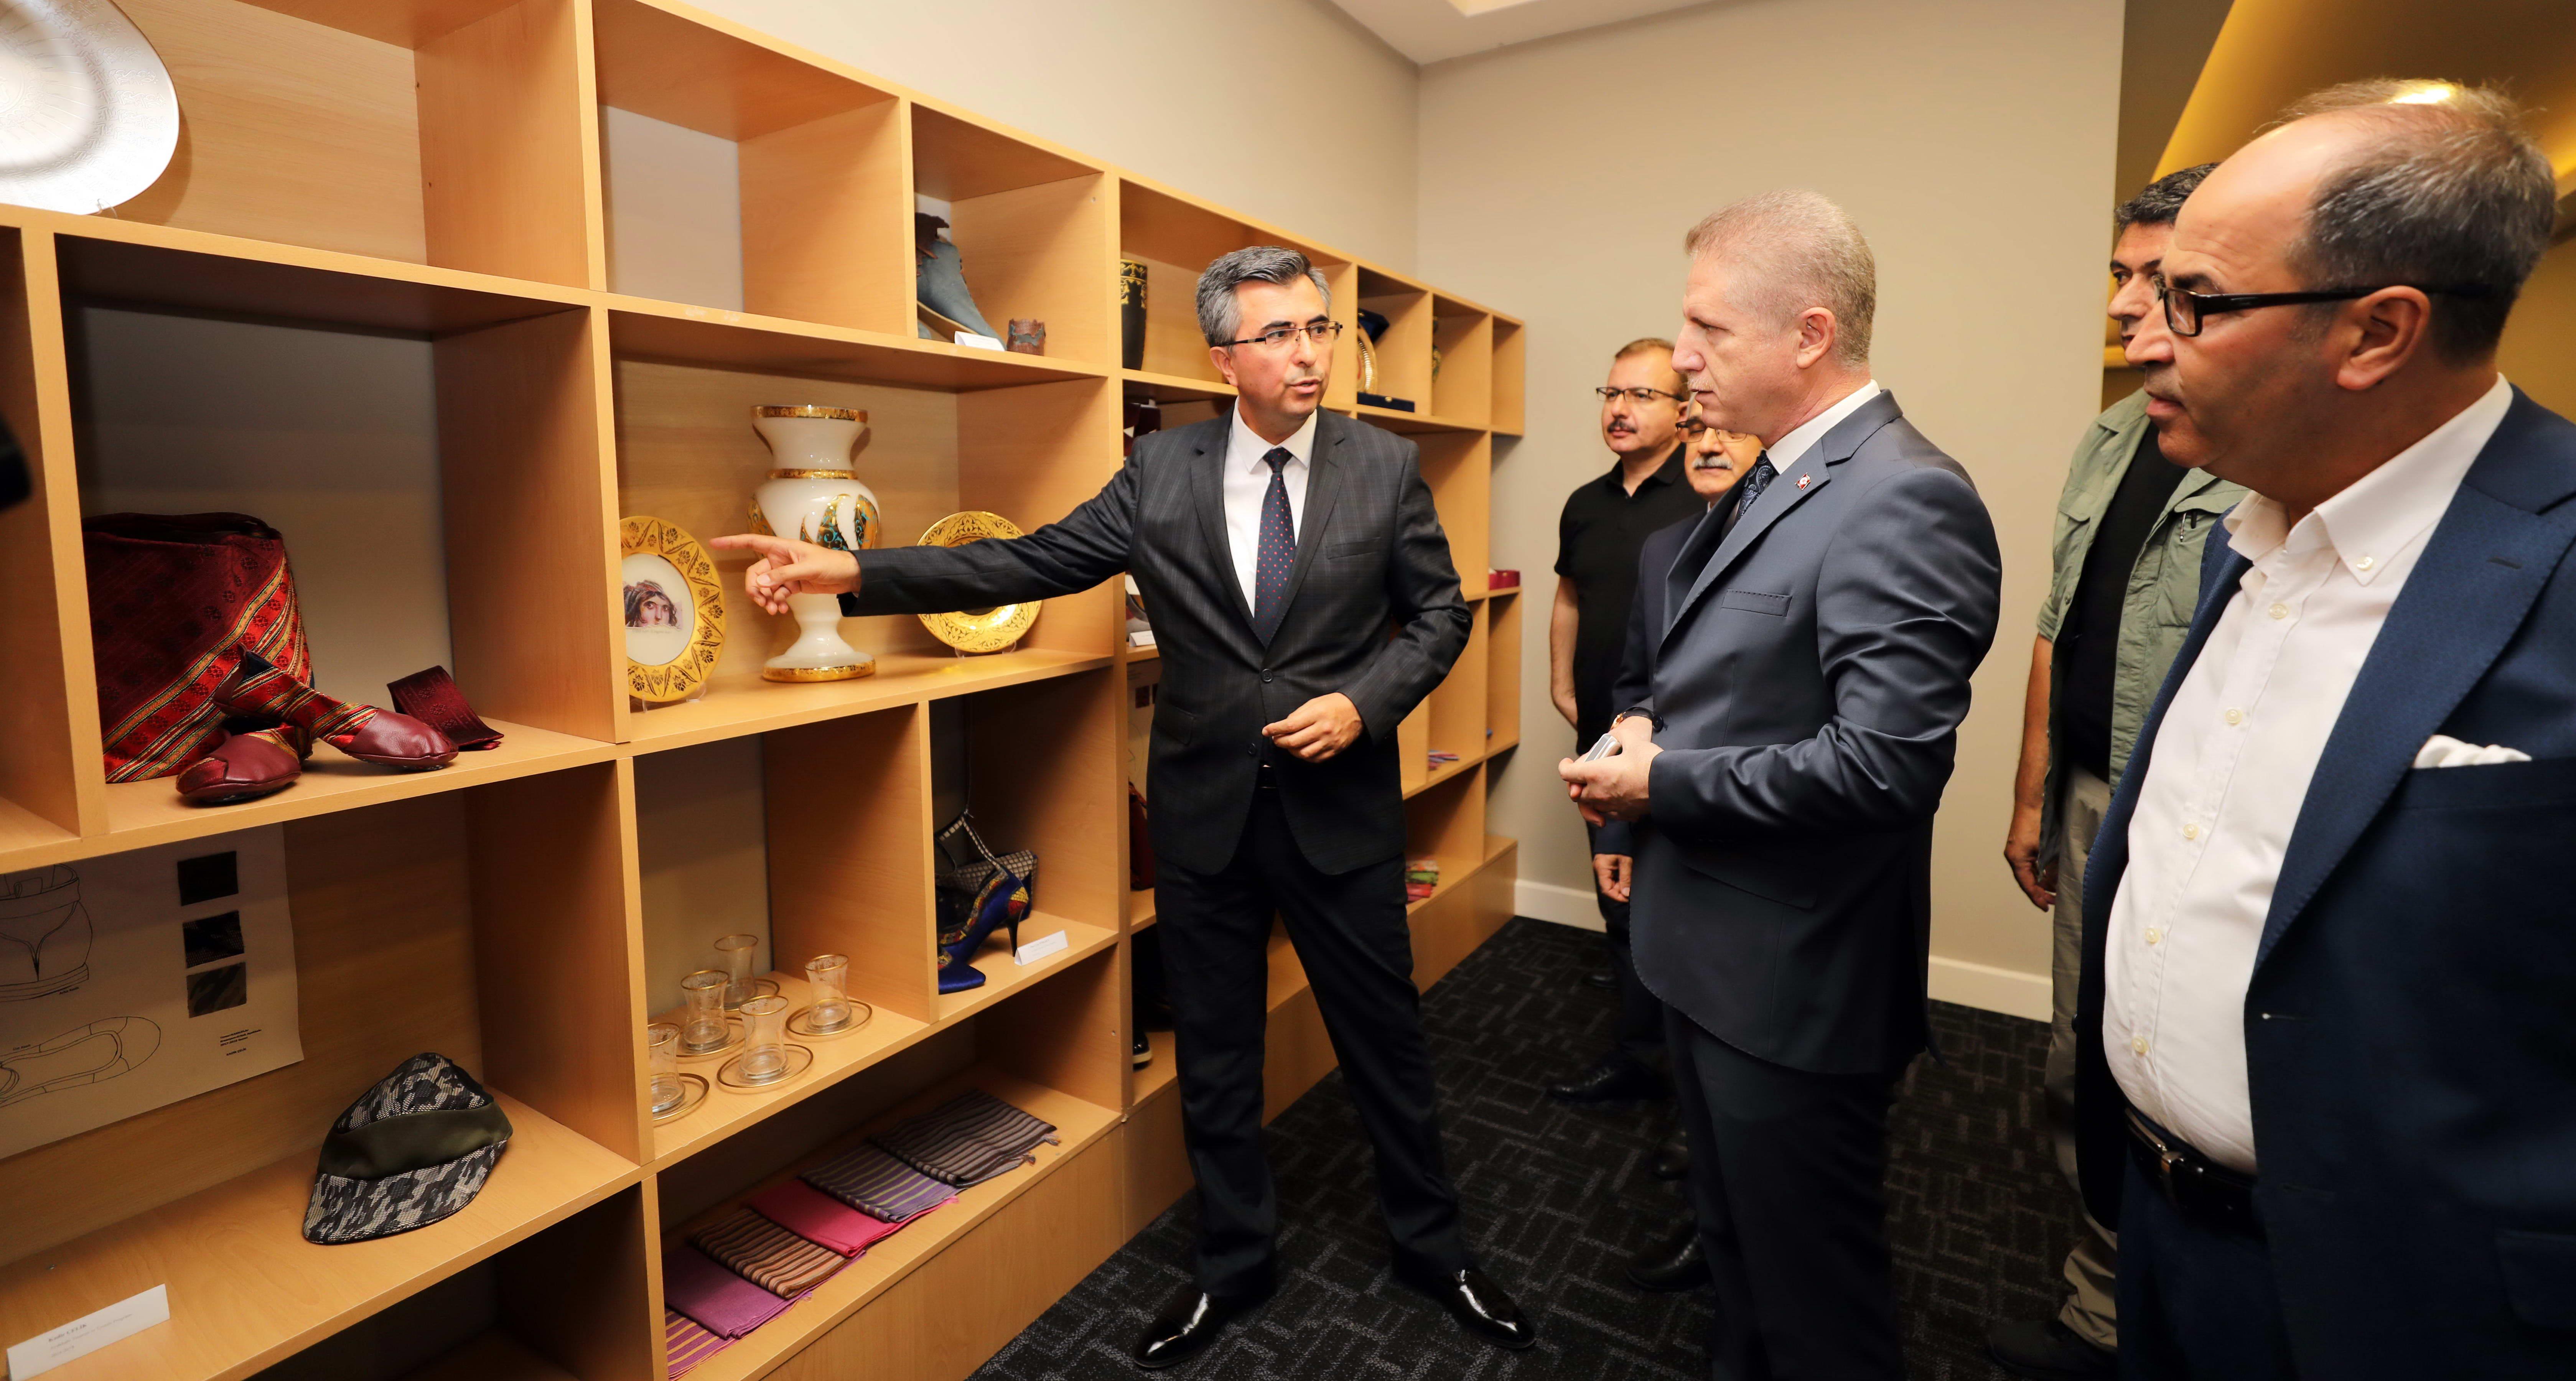 Naci Topçuoğlu MYO parmakla gösterilen bir eğitim kurumu -  (4)